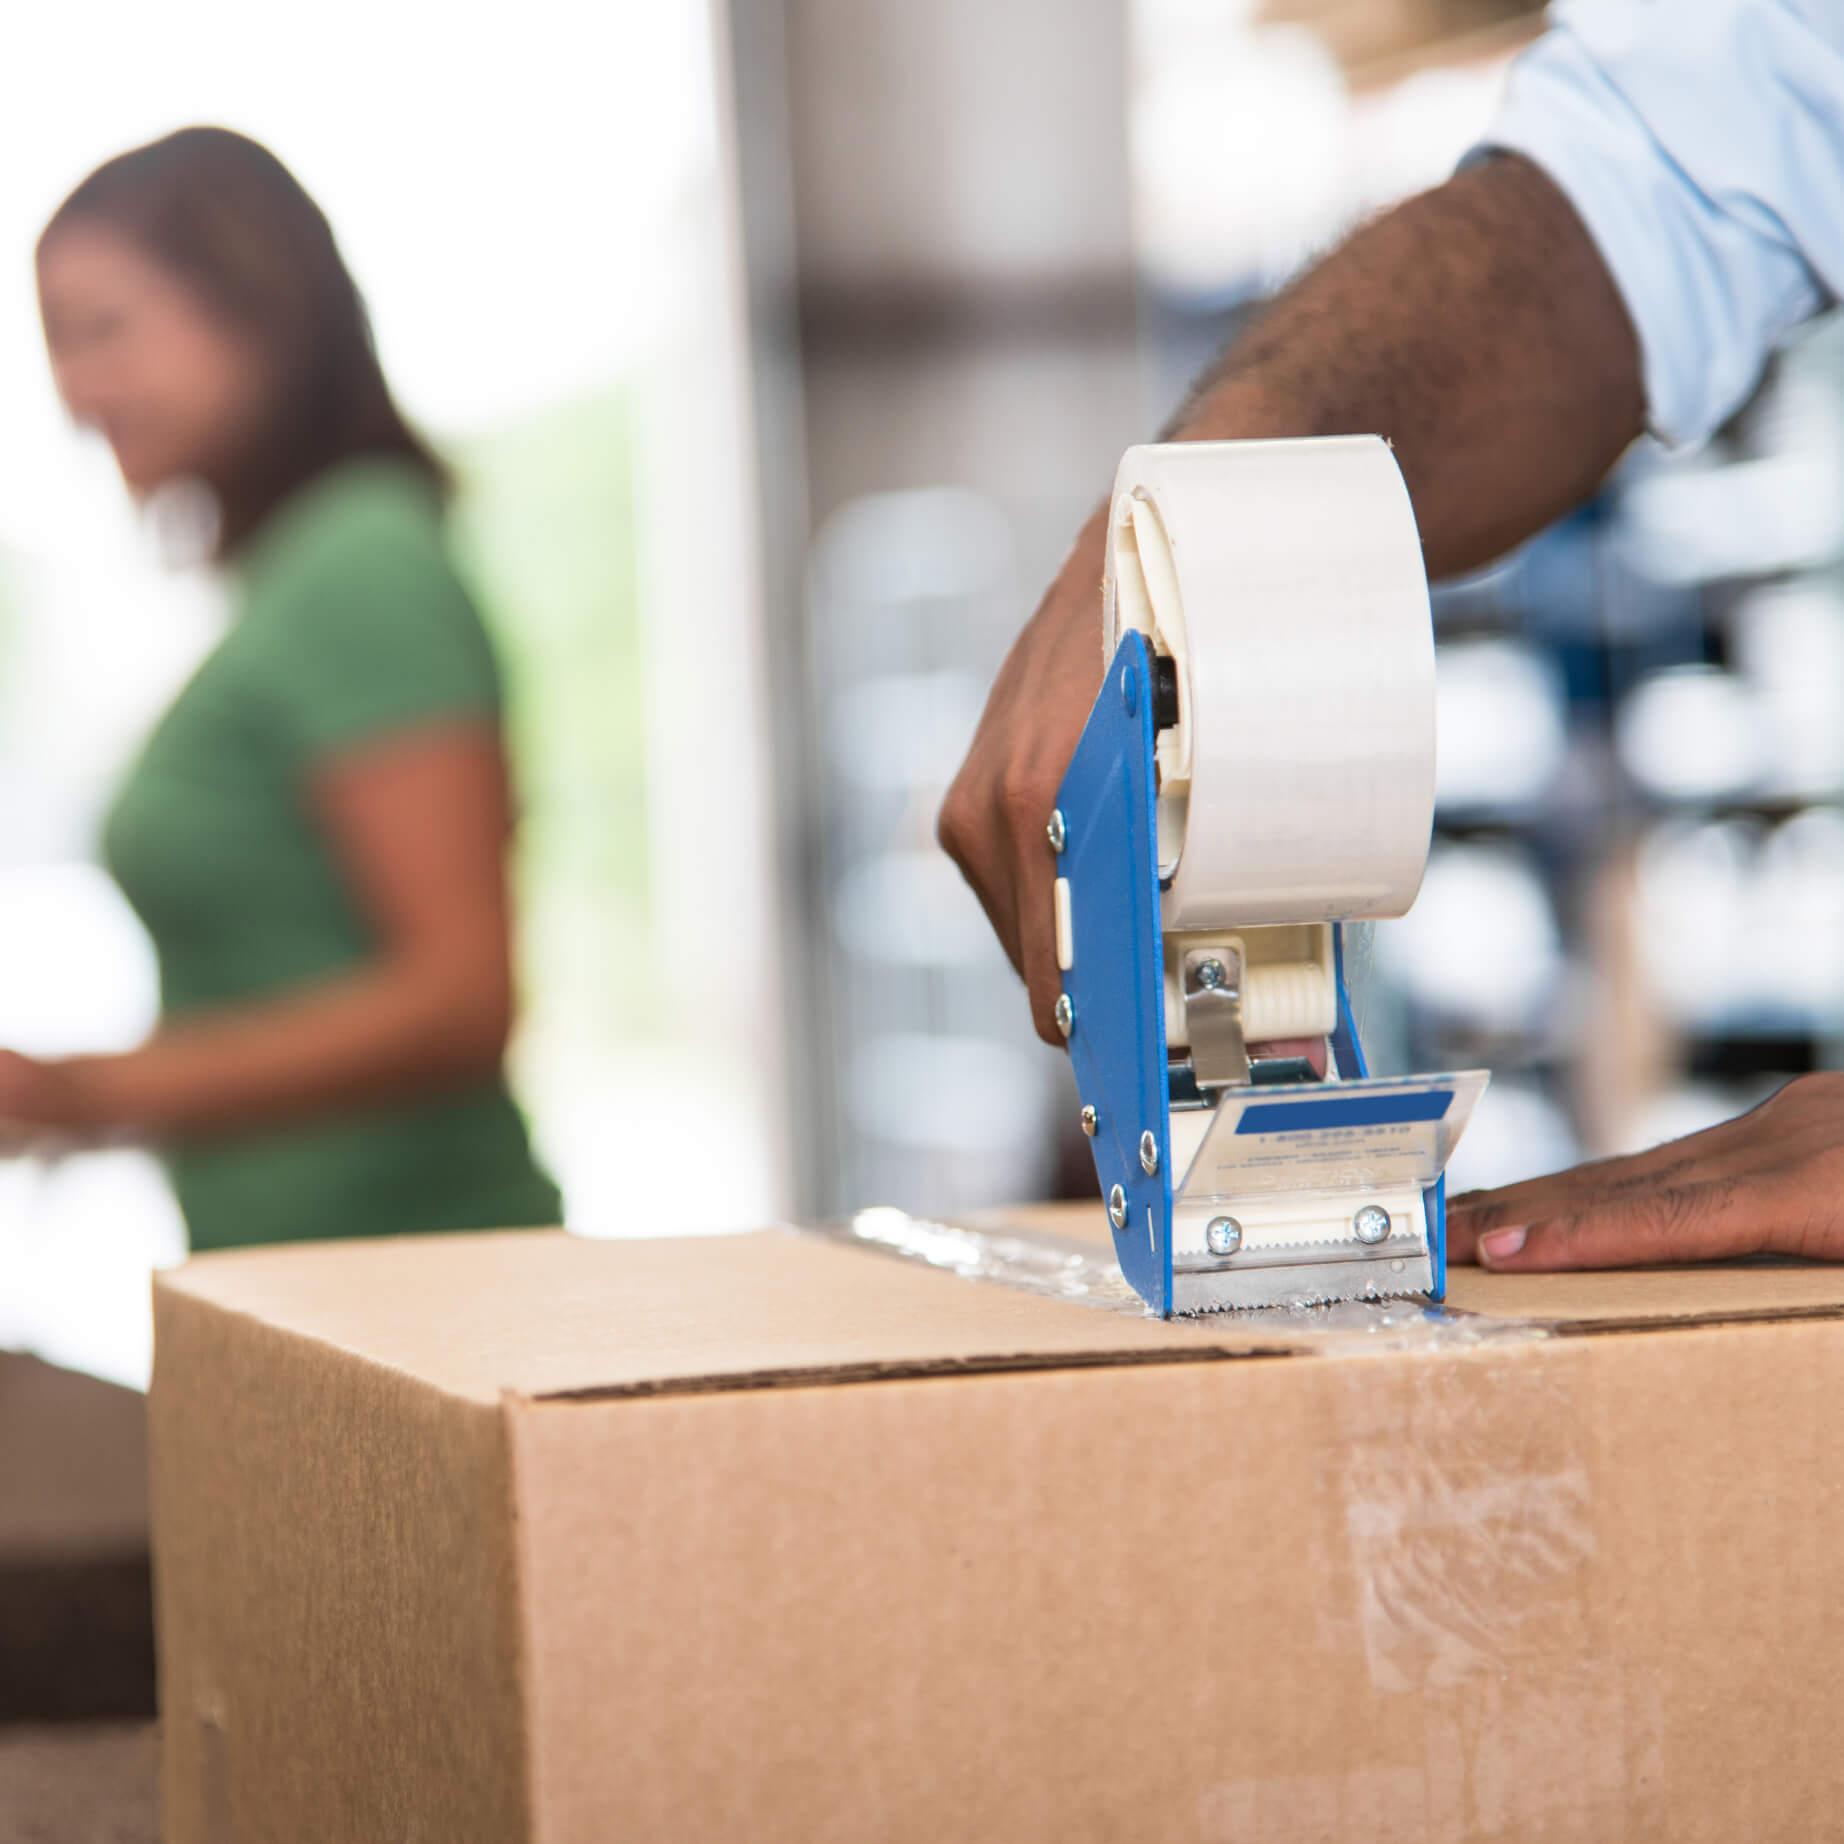 taping a cardboard box